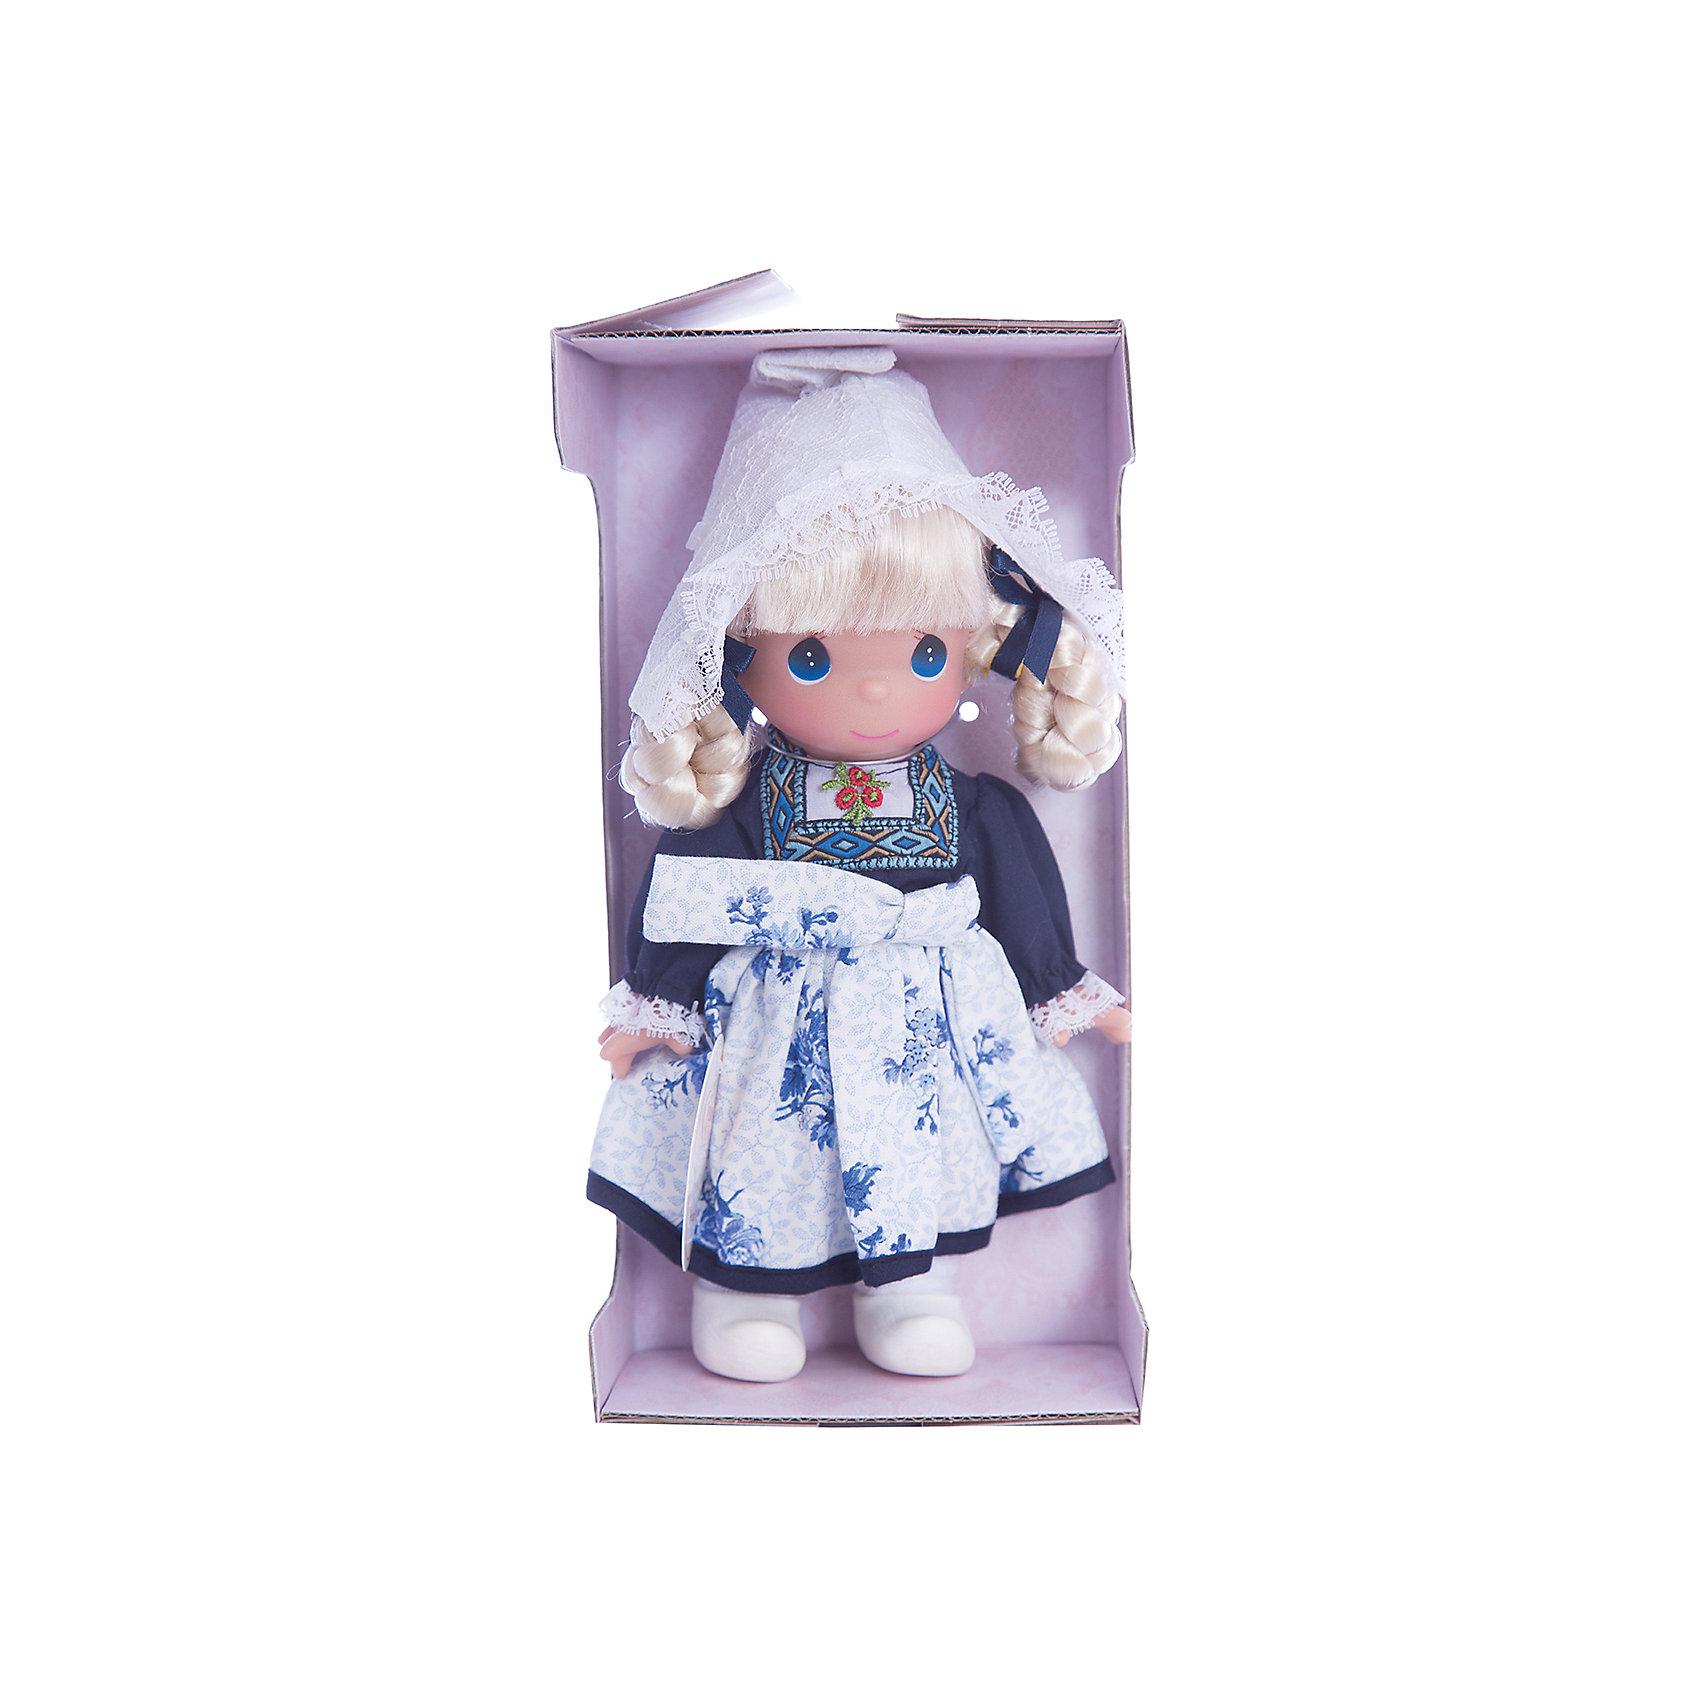 Кукла Элин. Голландия, 21 см, Precious MomentsКлассические куклы<br>Характеристики товара:<br><br>• возраст: от 5 лет;<br>• материал: винил, текстиль;<br>• высота куклы: 21 см;<br>• размер упаковки: 25х15х10 см;<br>• вес упаковки: 175 гр.;<br>• страна производитель: Филиппины.<br><br>Кукла «Элин. Голландия» Precious Moments — коллекционная кукла с выразительными голубыми глазками и белыми волосами, заплетенными в косы. Куколка одета в традиционное платье с вышивкой и узорами. На голове у нее кружевной колпак. У куклы имеются подвижные детали. Она выполнена из качественного безопасного материала.<br><br>Куклу «Элин. Голландия» Precious Moments можно приобрести в нашем интернет-магазине.<br><br>Ширина мм: 60<br>Глубина мм: 210<br>Высота мм: 60<br>Вес г: 110<br>Возраст от месяцев: 36<br>Возраст до месяцев: 2147483647<br>Пол: Женский<br>Возраст: Детский<br>SKU: 5482514